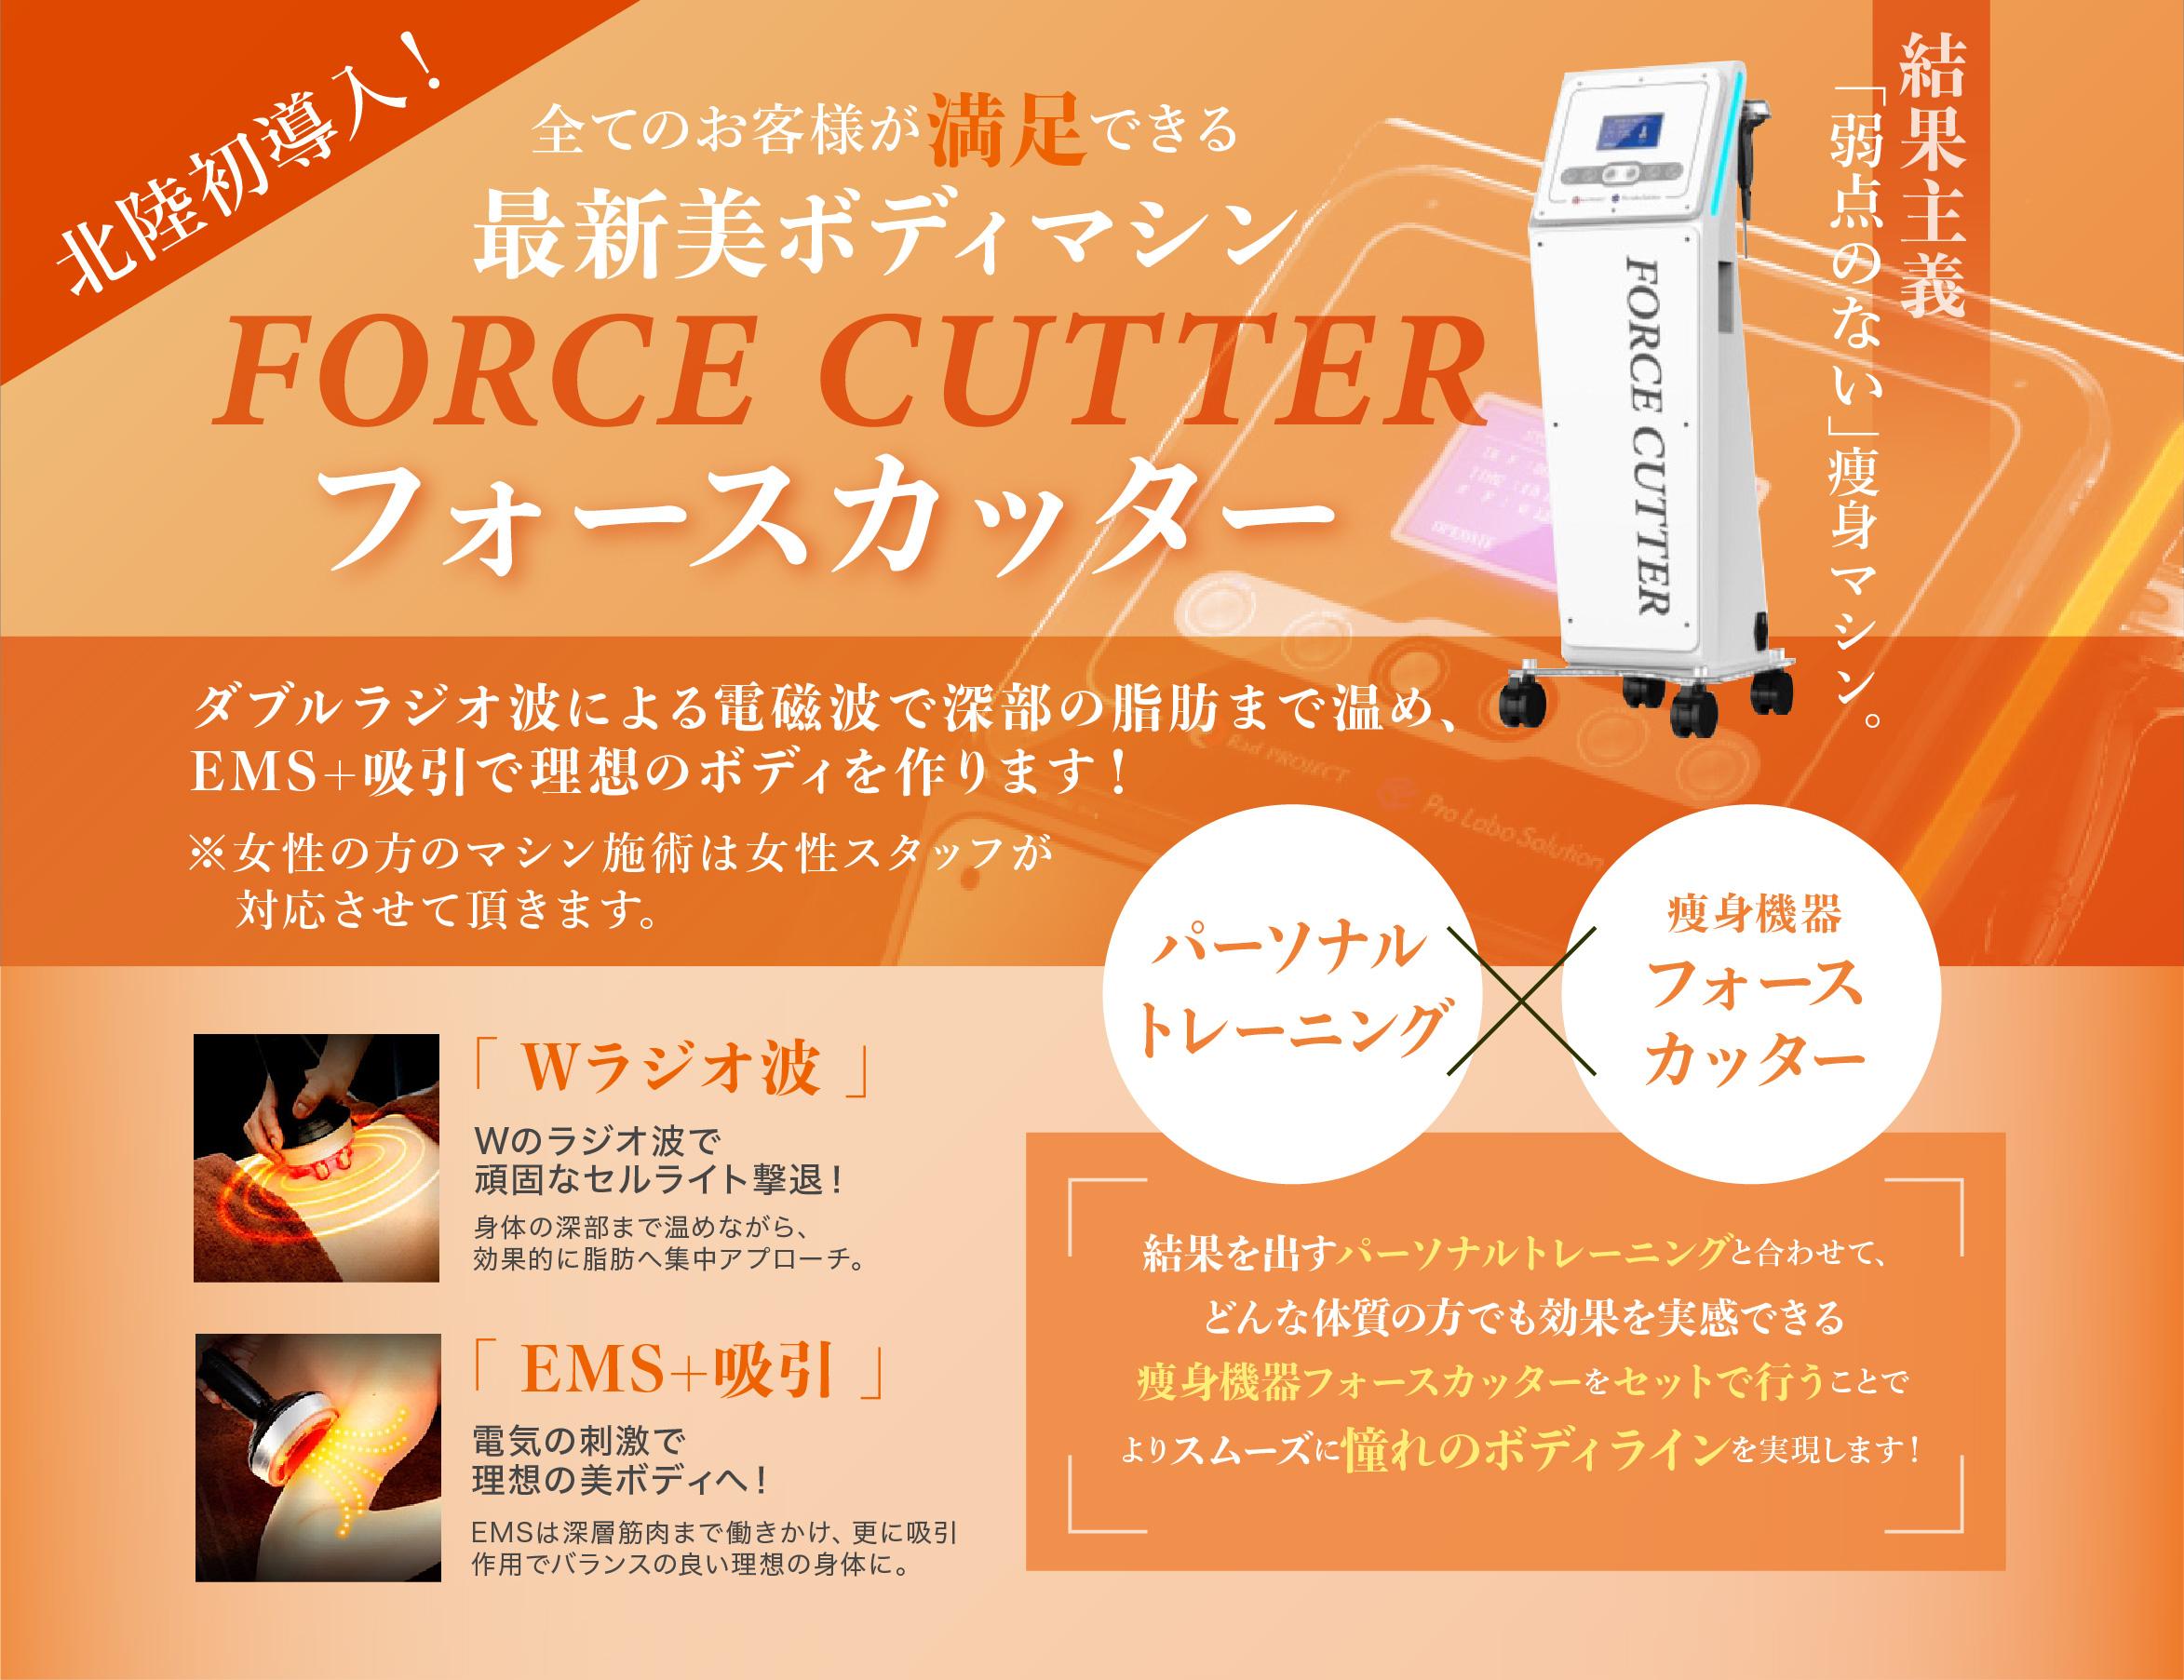 最新美Bodyマシン Force Cutter フォースカッター